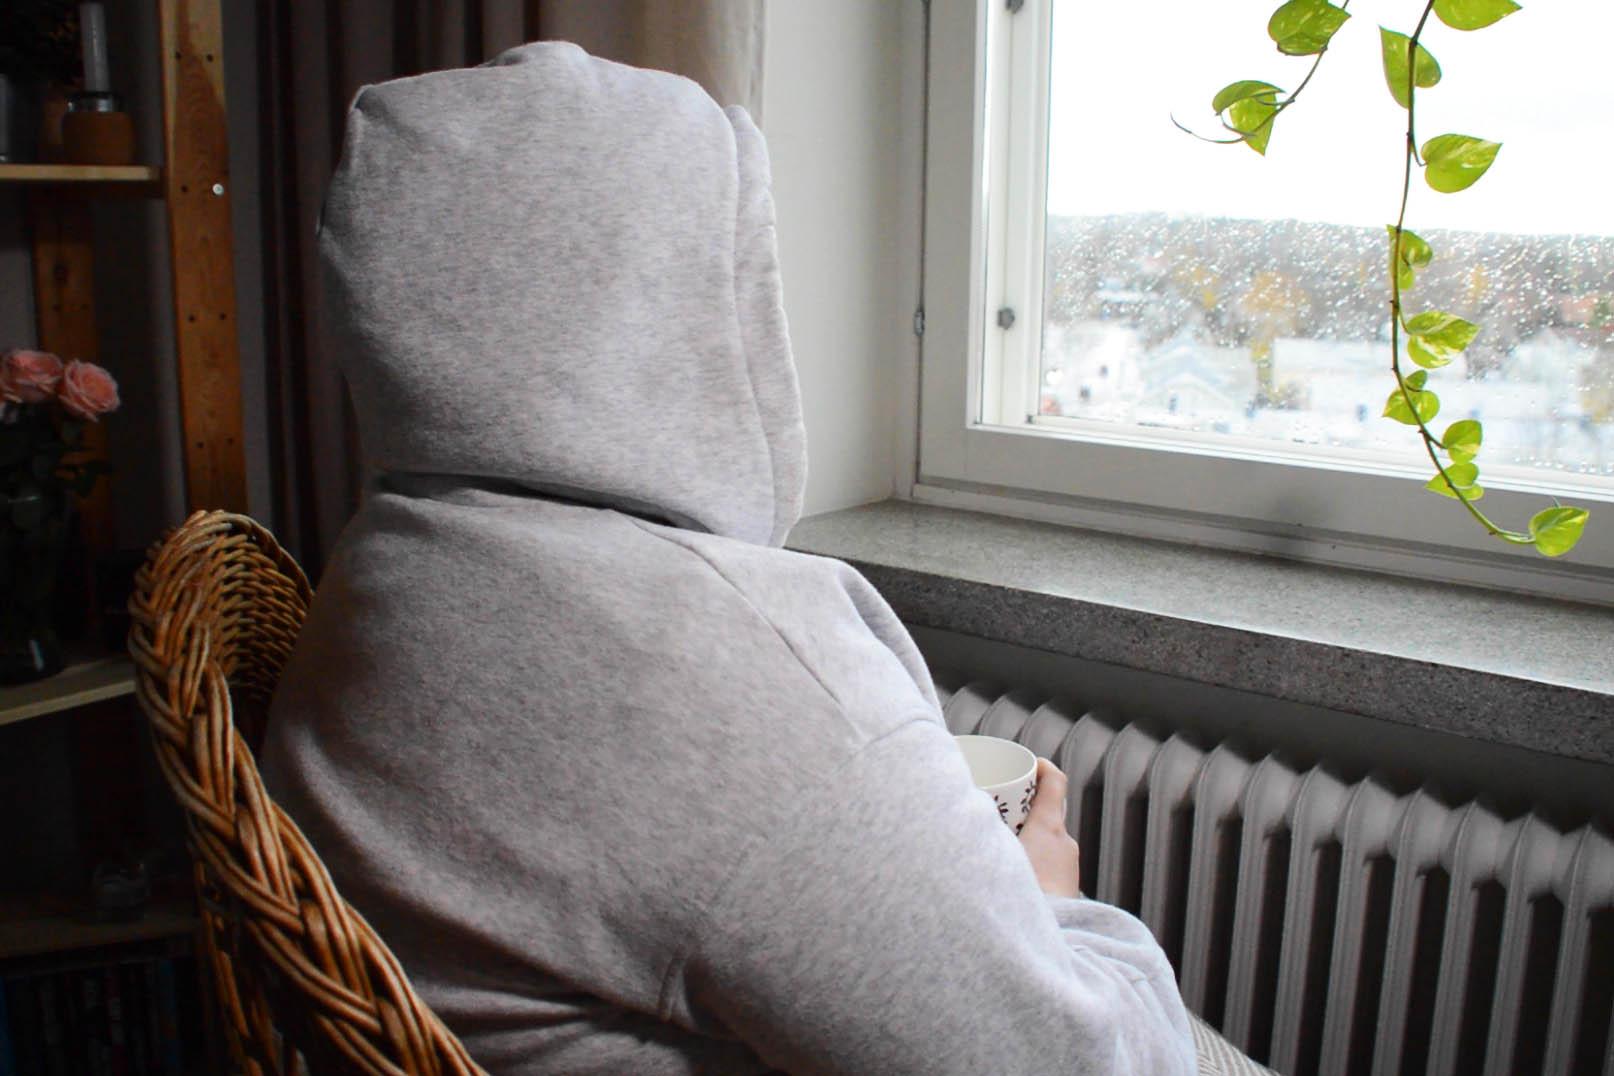 Kuva: Julia Koivunen